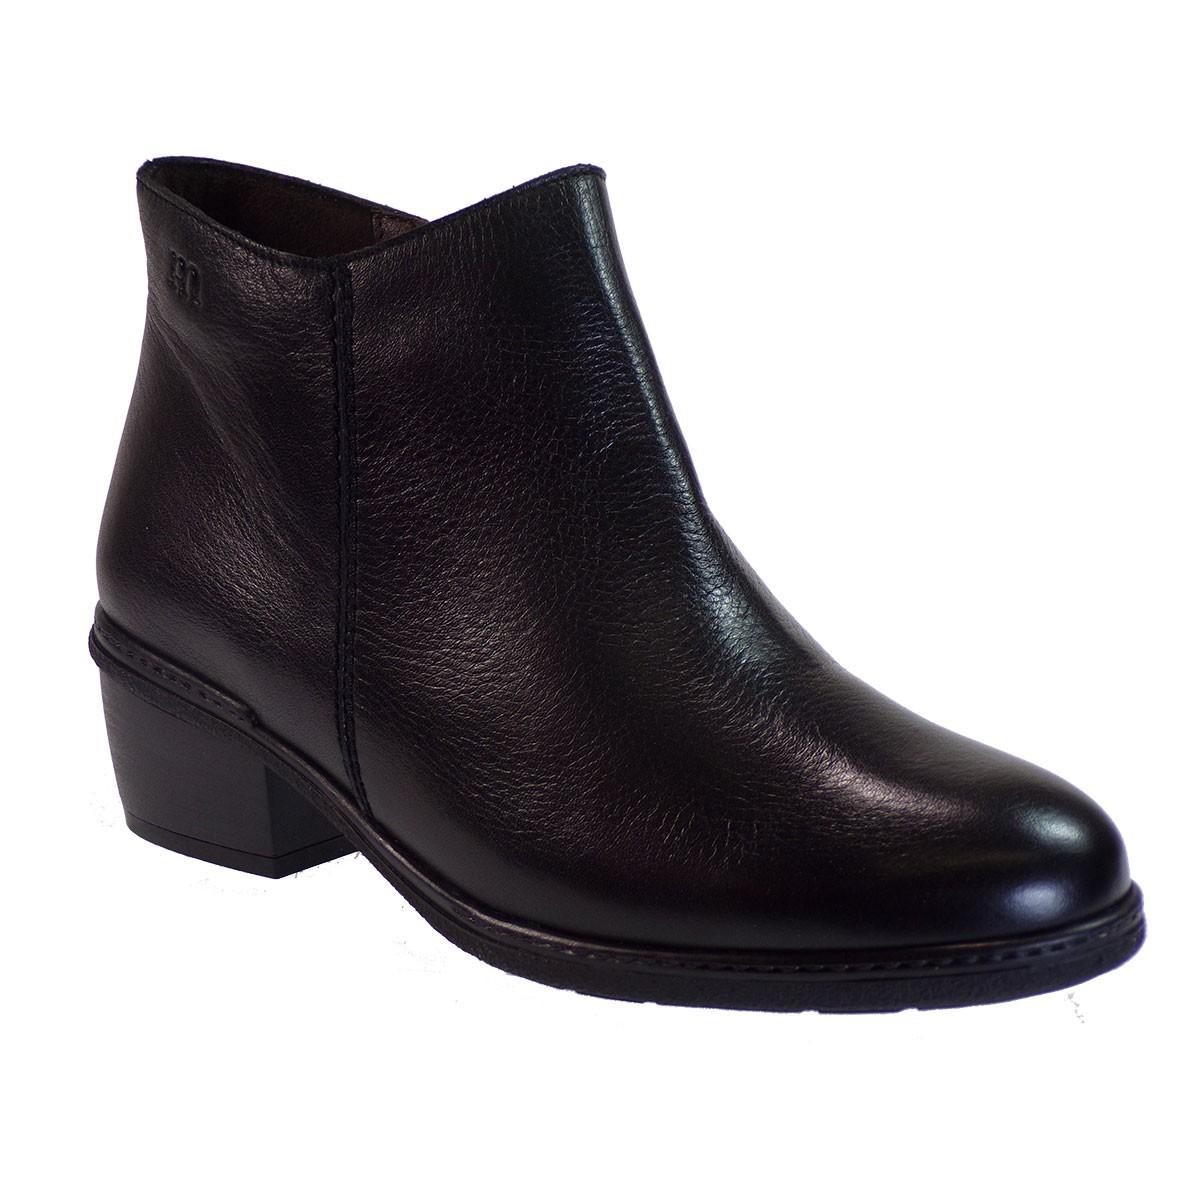 PEPE MENARGUES SHOES Γυναικεία Παπούτσια Μποτάκια 1160 Μαύρο Δέρμα